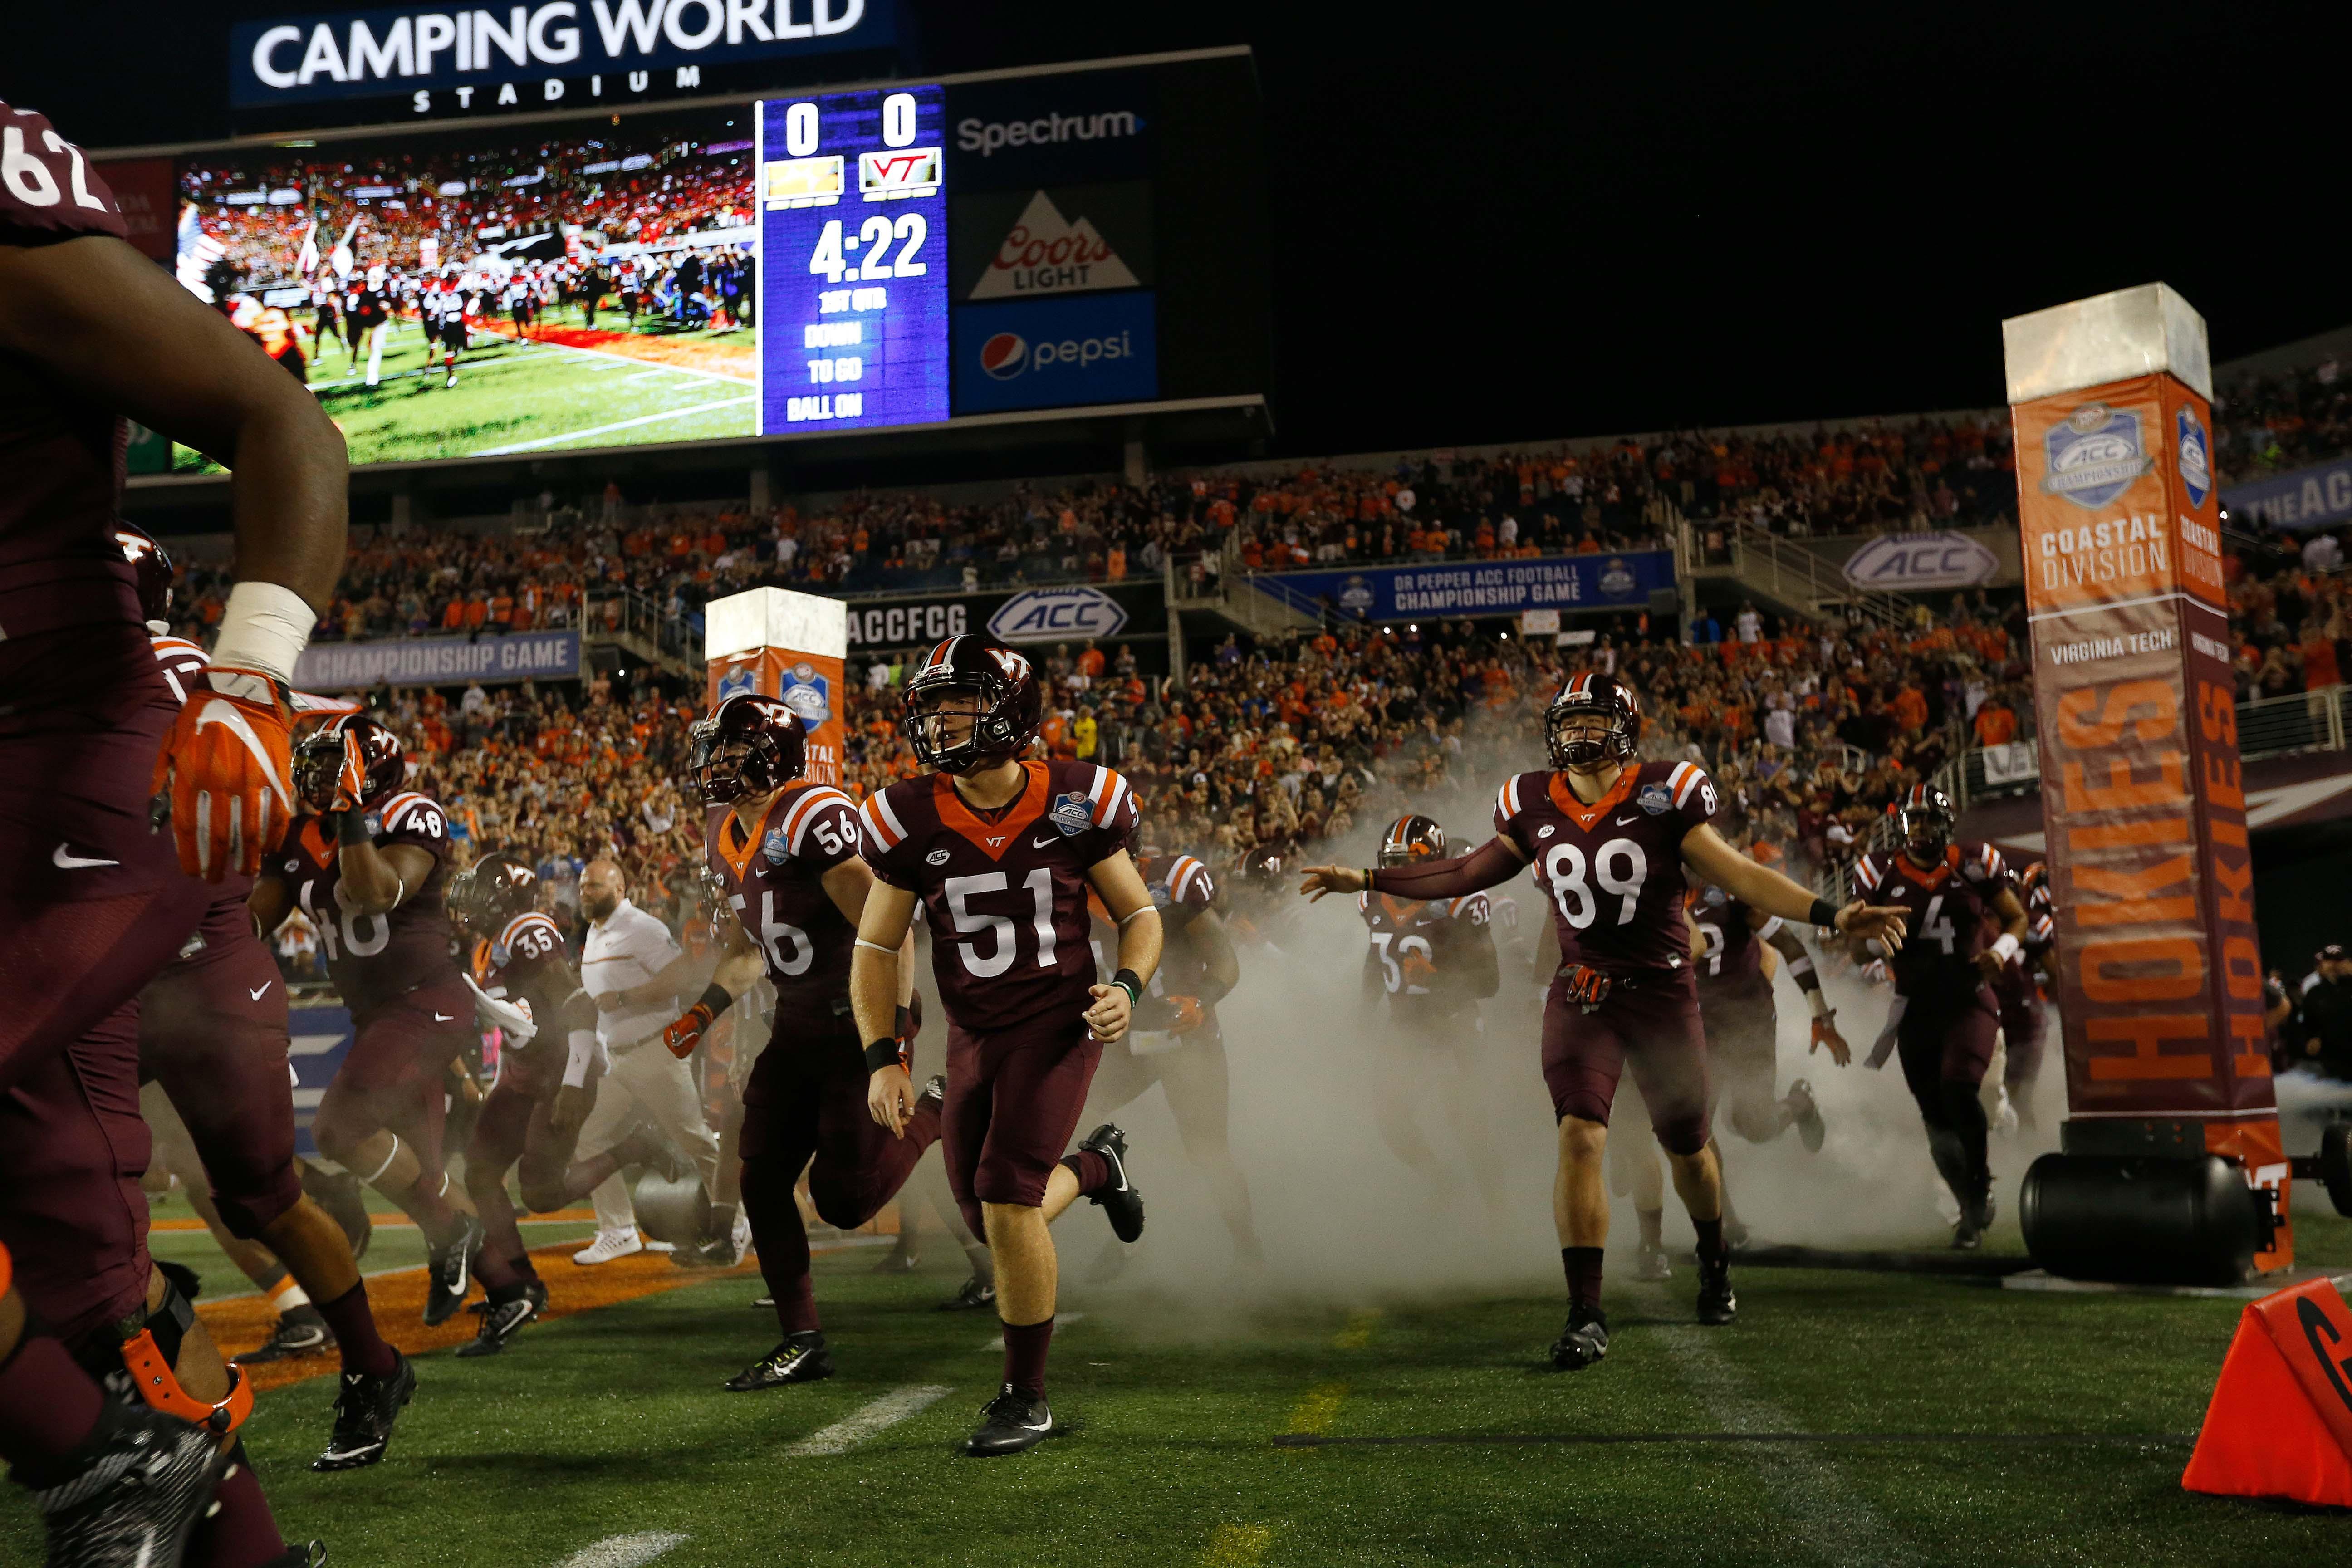 Belk Bowl Preview: The Virginia Tech Hokies vs the Arkansas